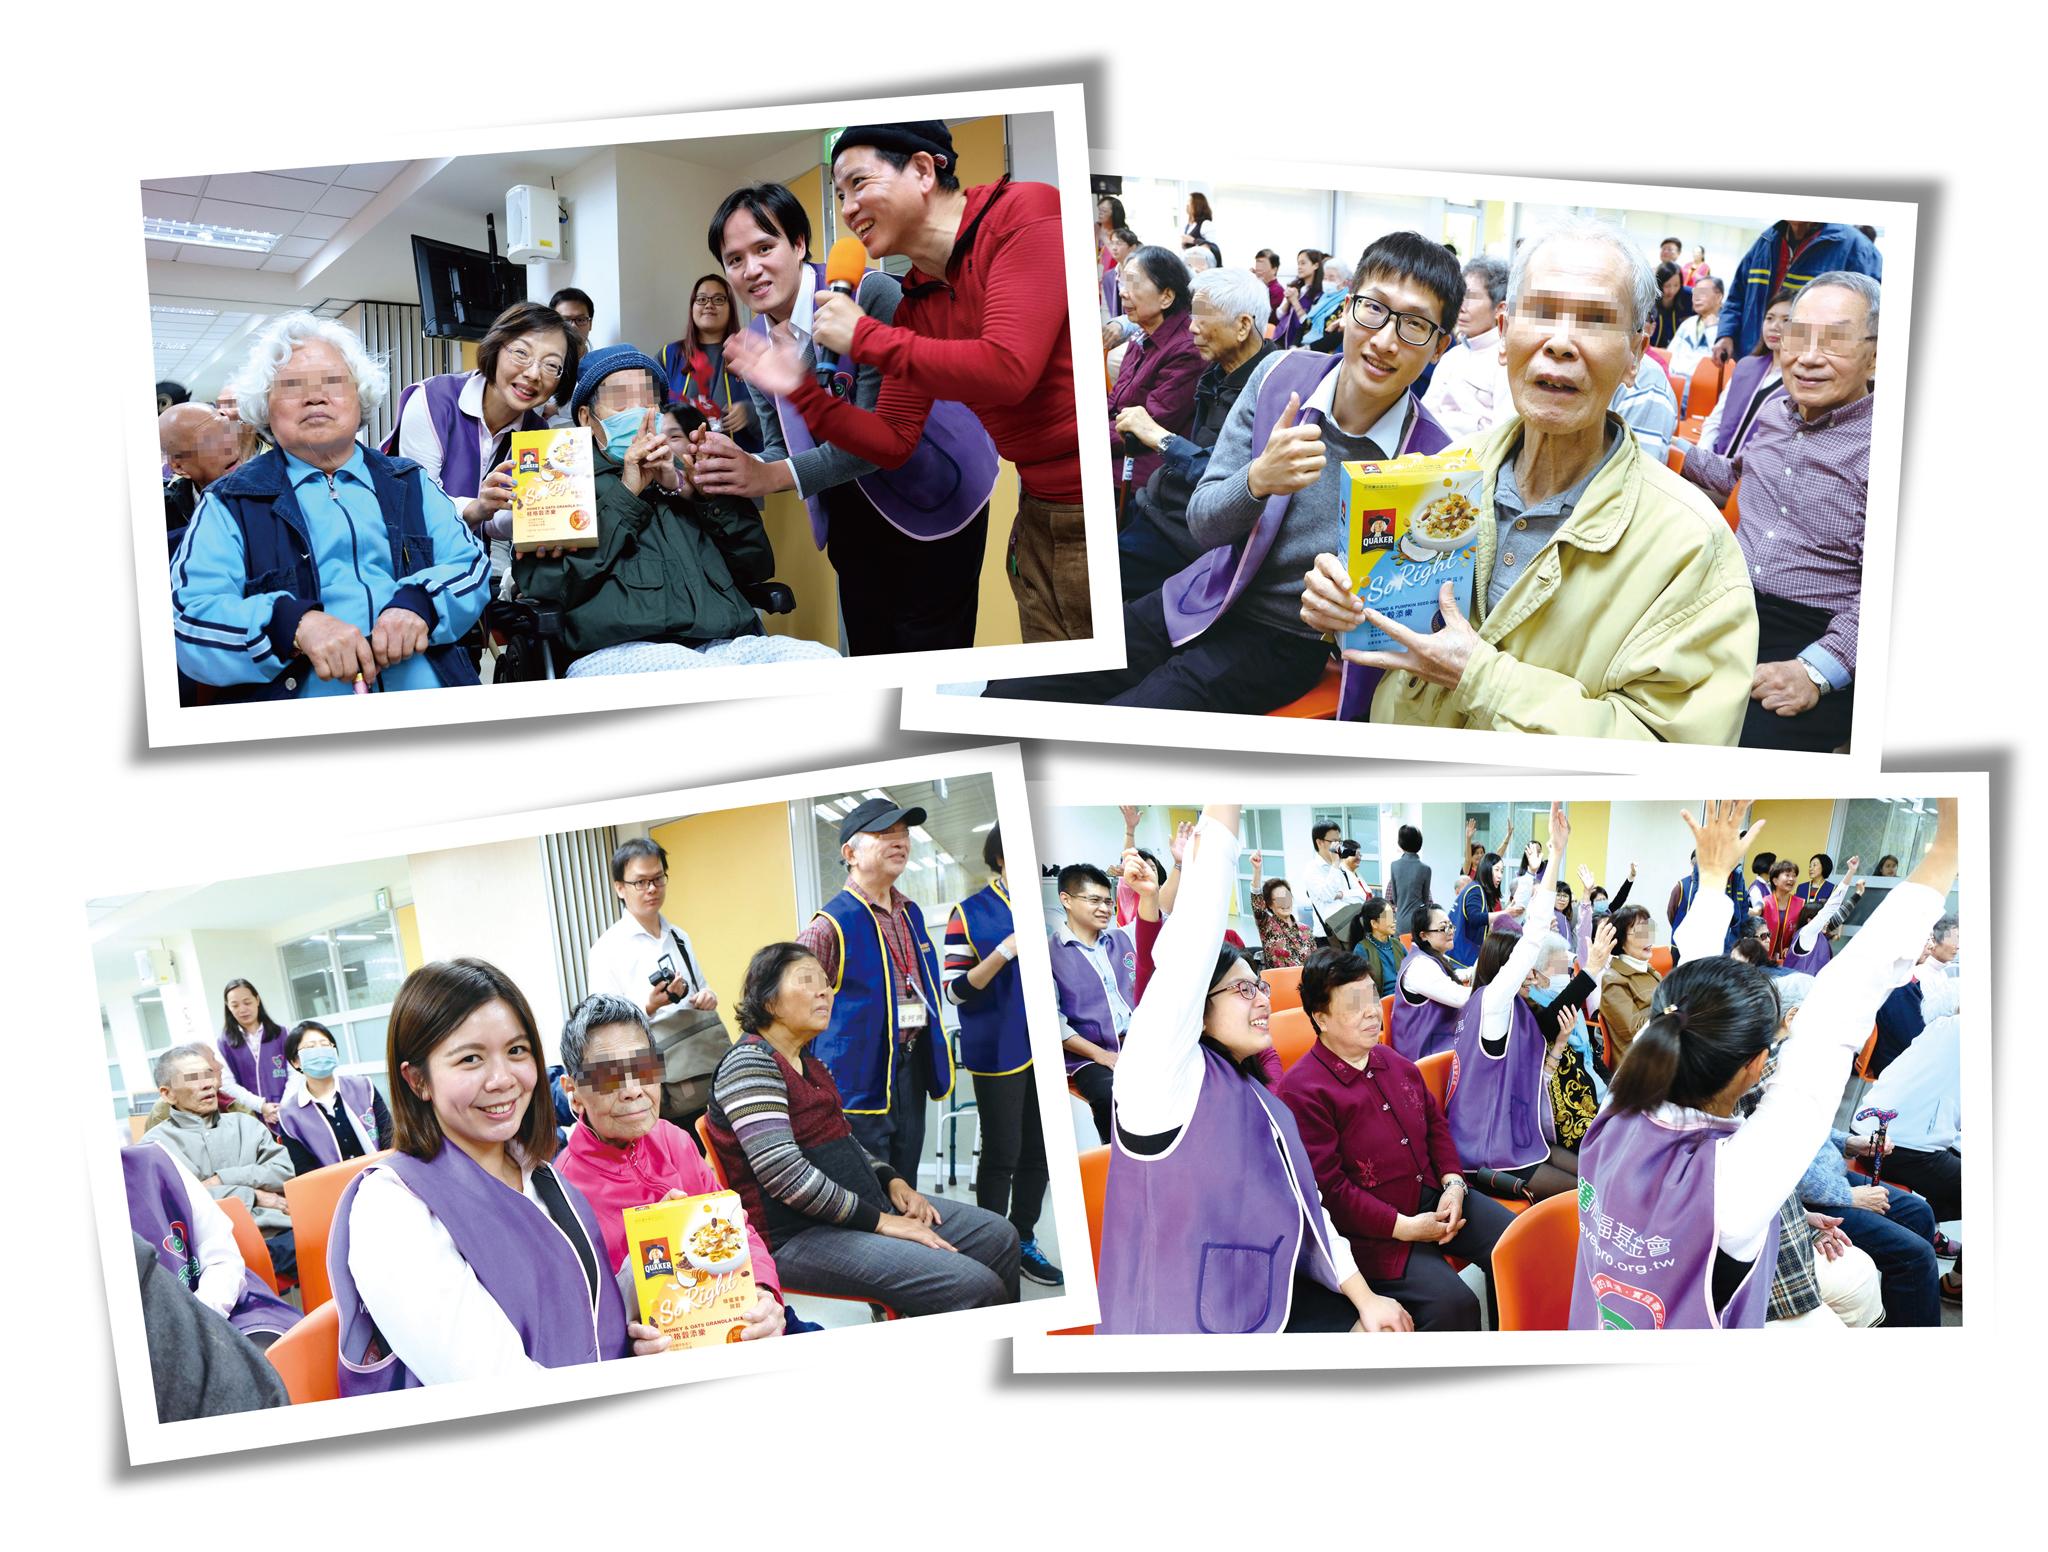 志工協助長輩們與台上互動搶答問題拿贈品。